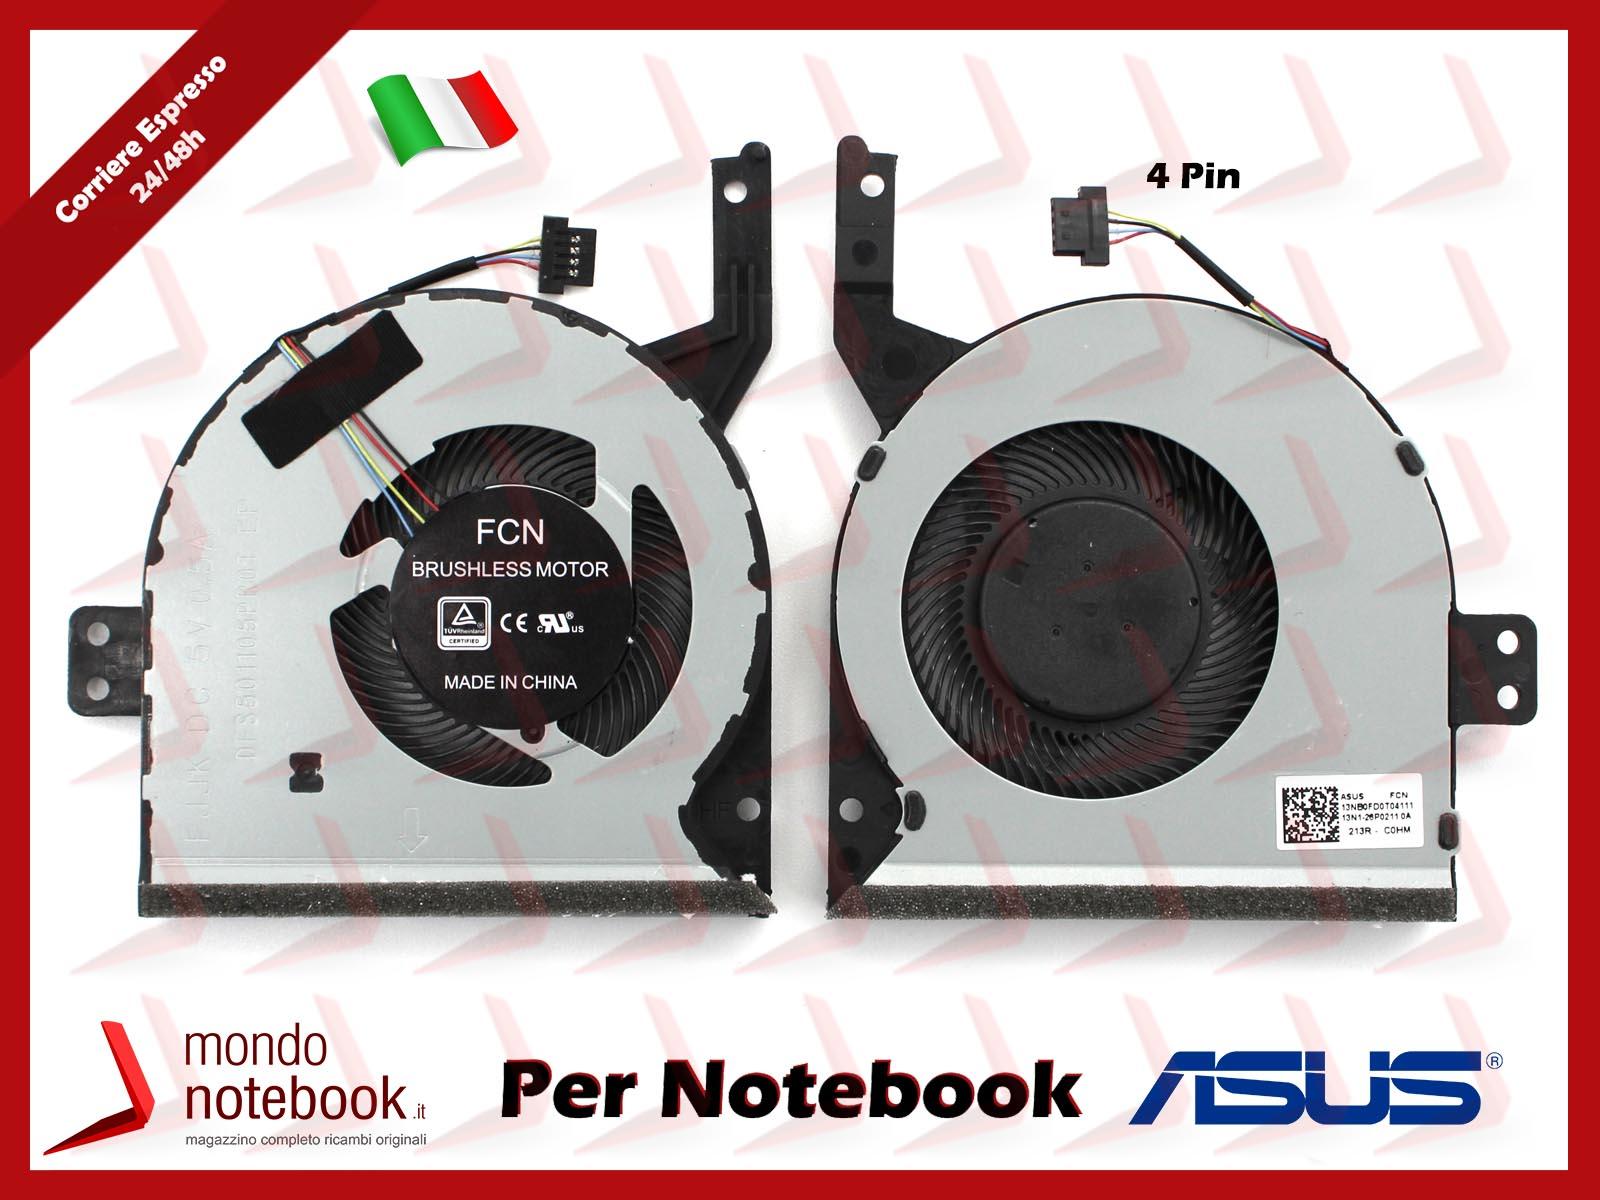 https://www.mondonotebook.it/11876/tastiera-con-top-case-hp-14-ce-silver-layout-italiano.jpg